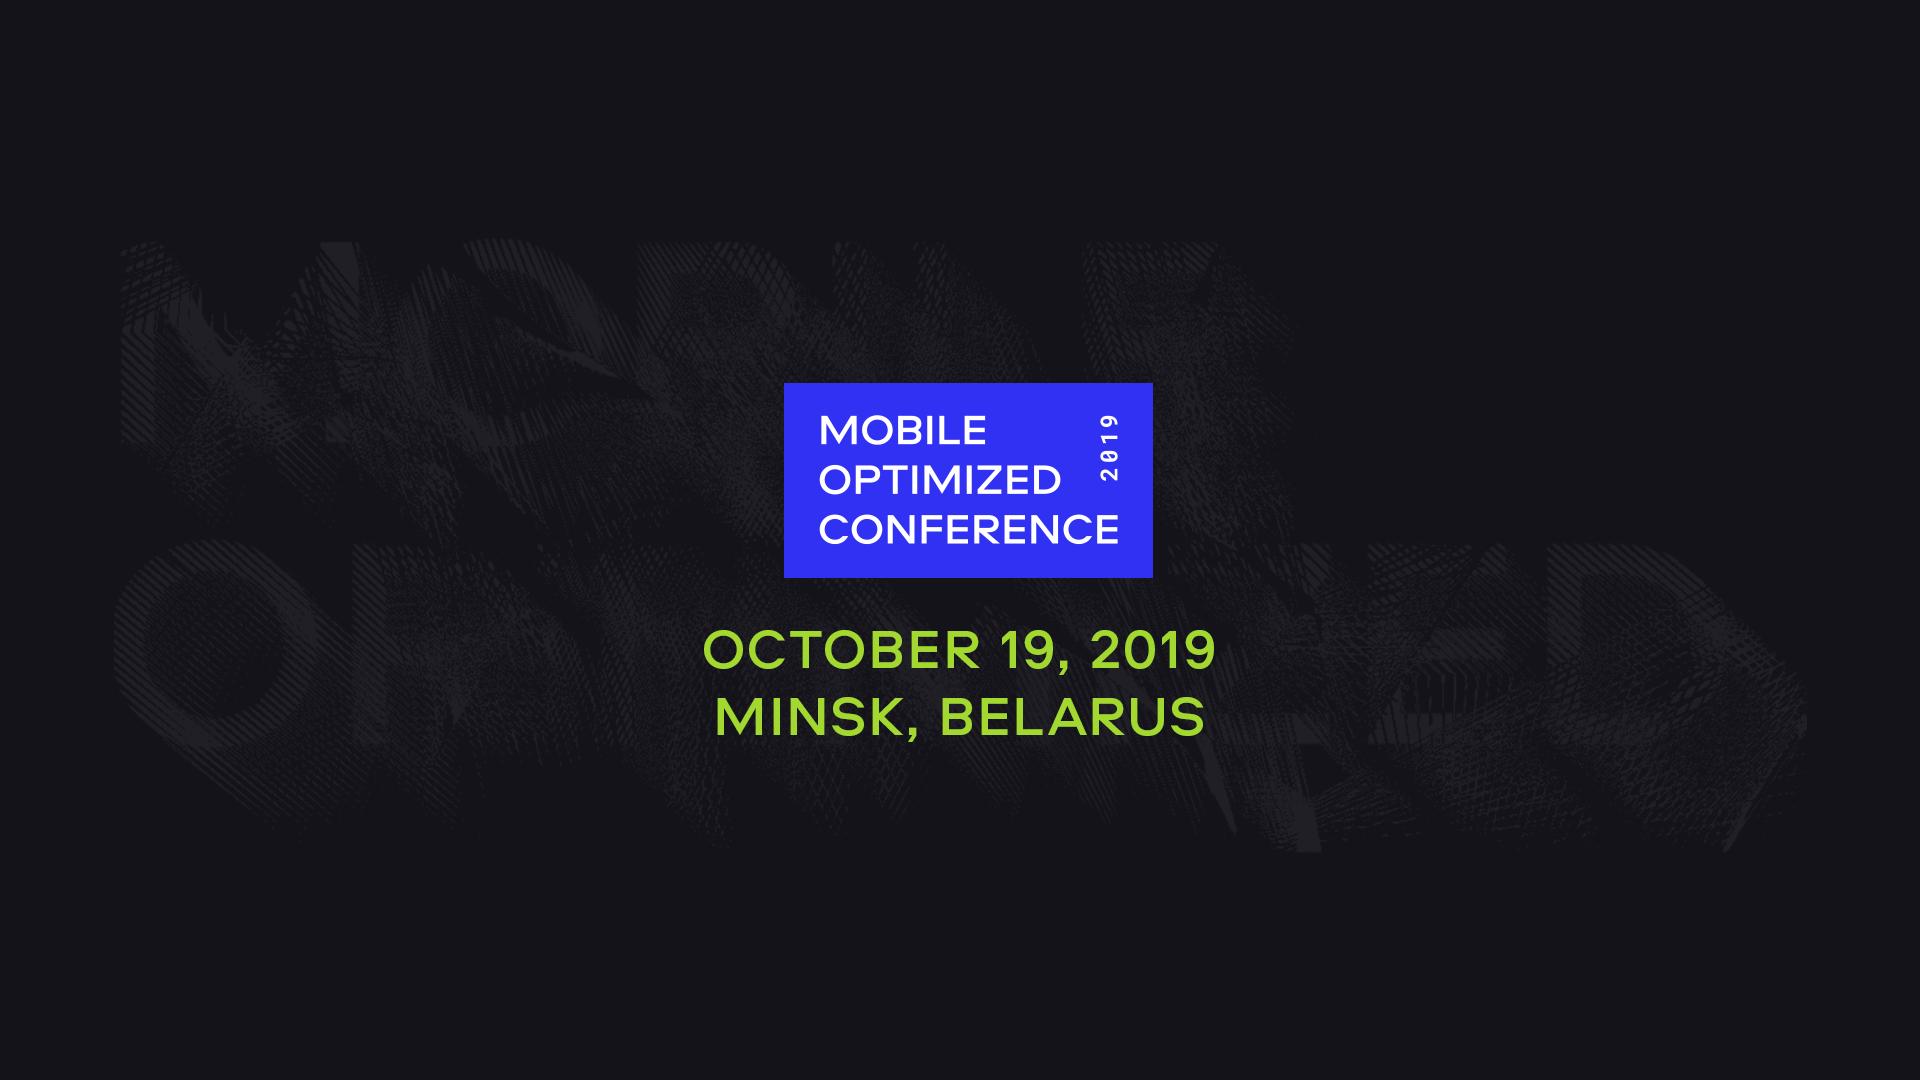 MobileOptimized Conference in Minsk, Belarus | October 19, 2019